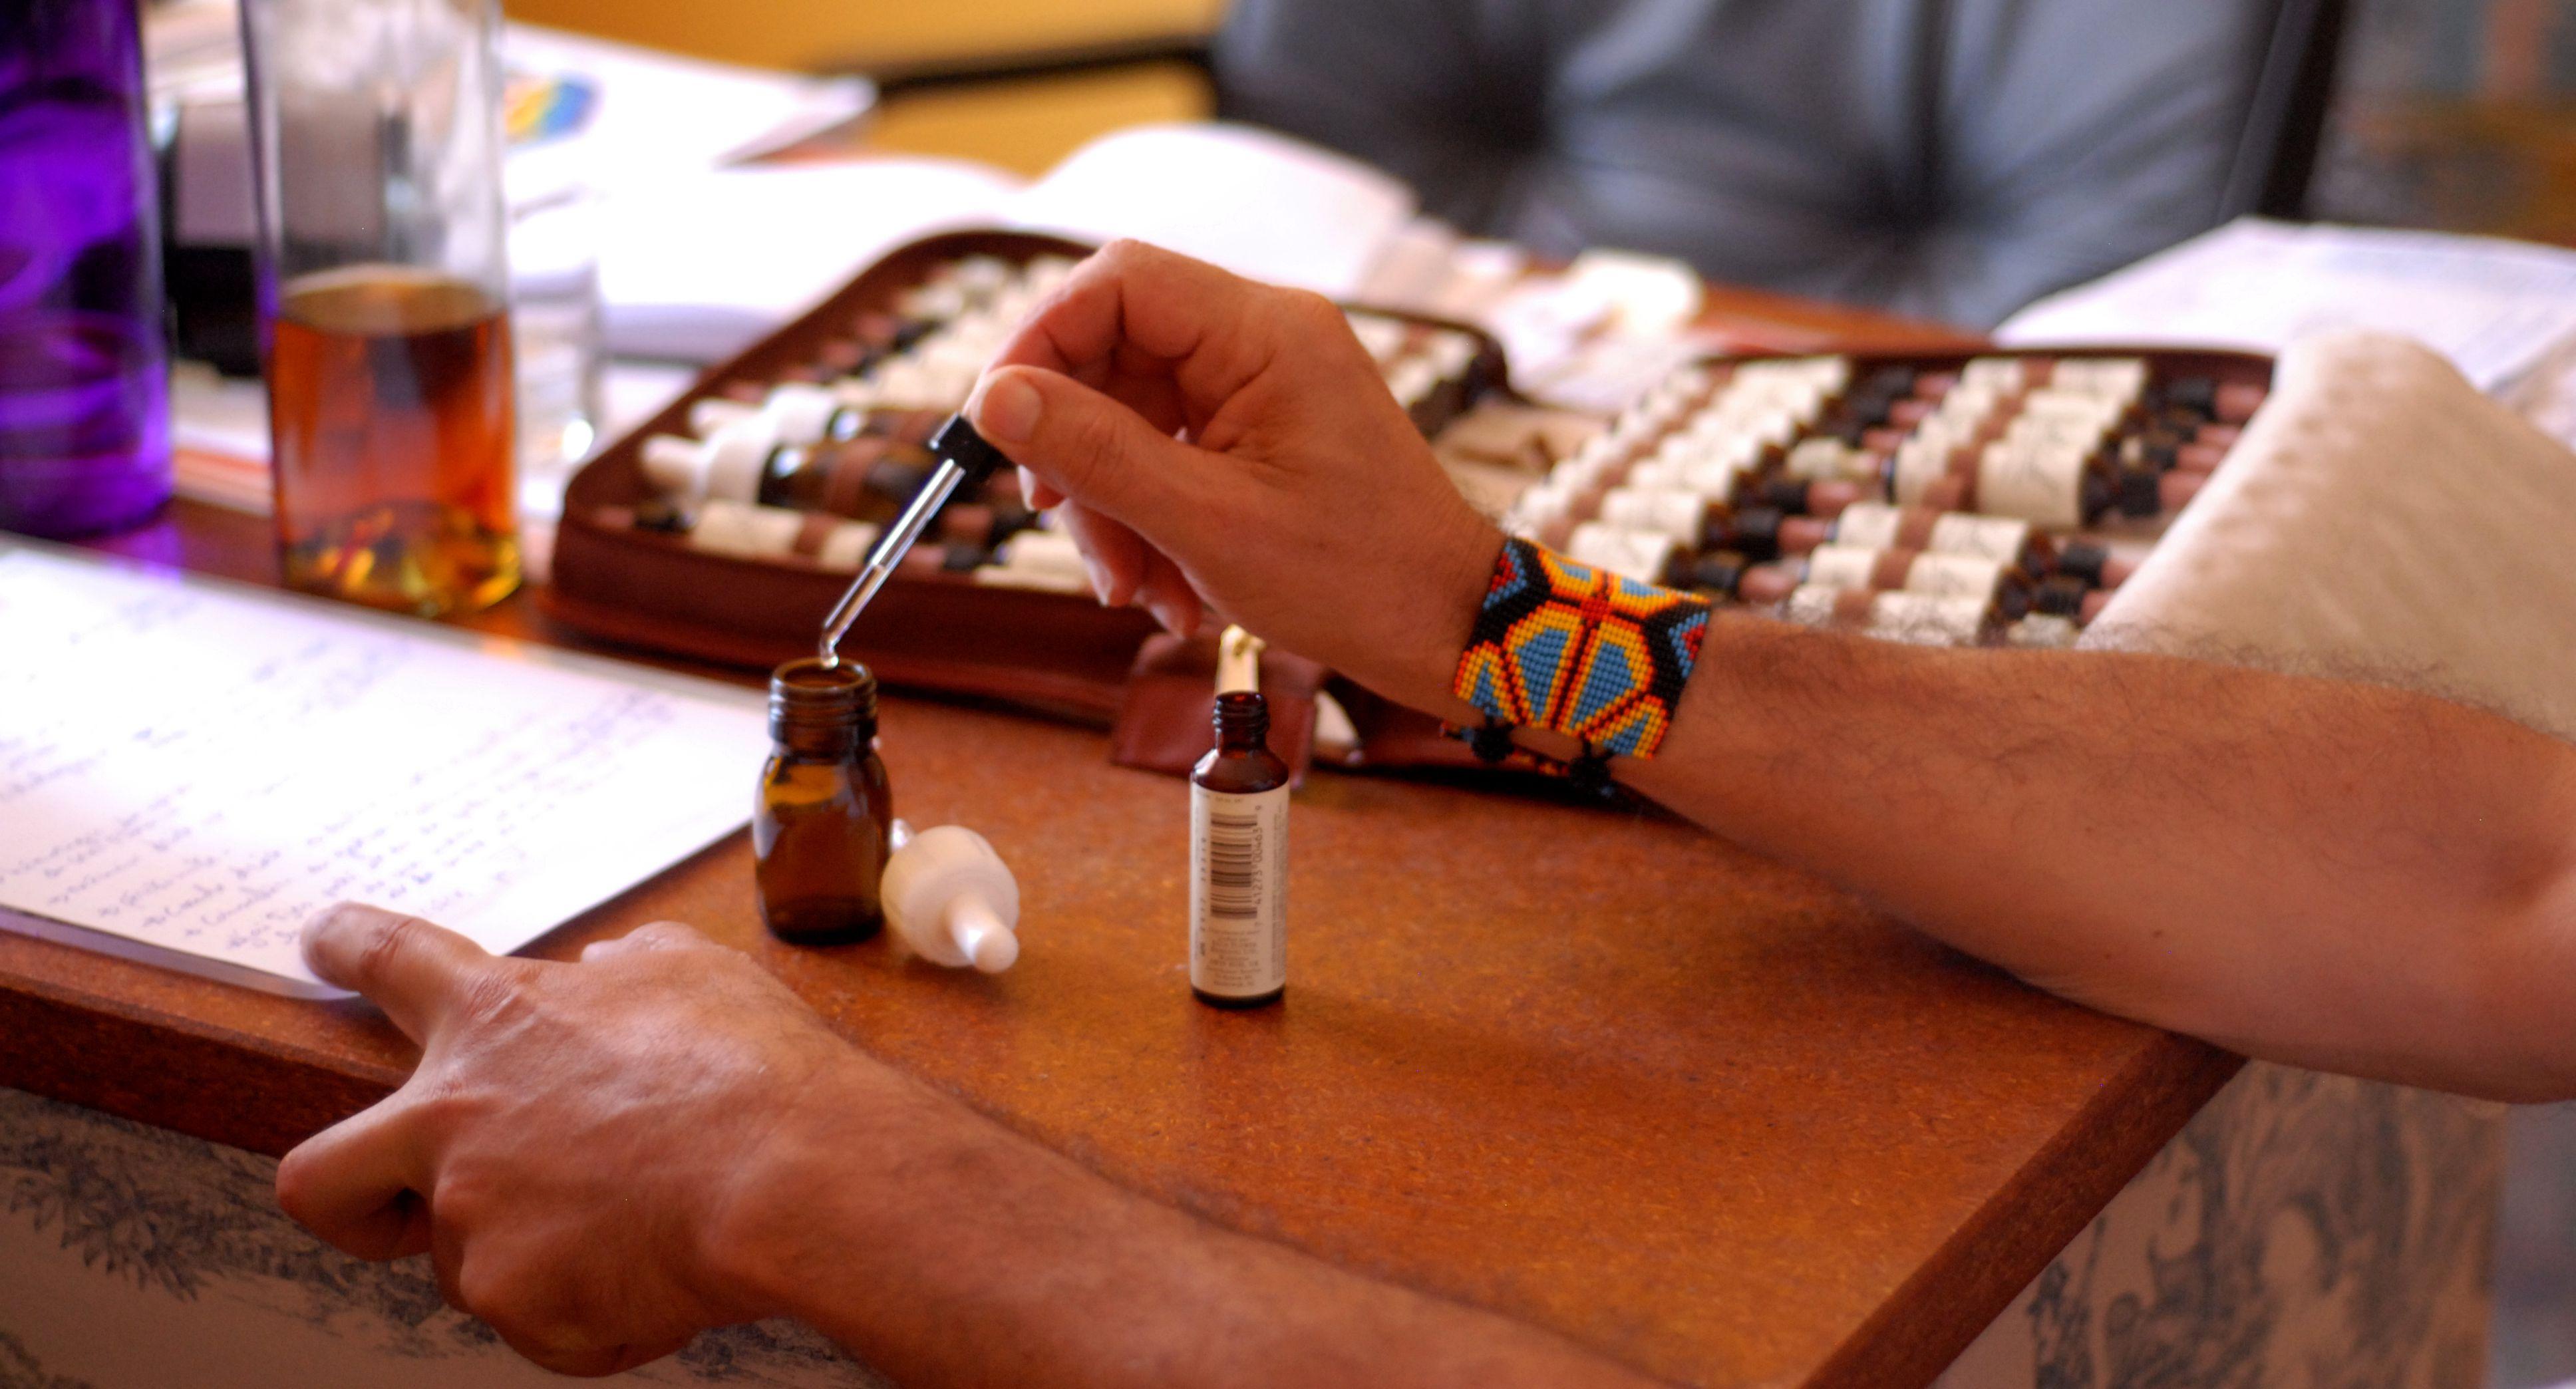 Le praticien compose une préparation à base de fleurs de bach